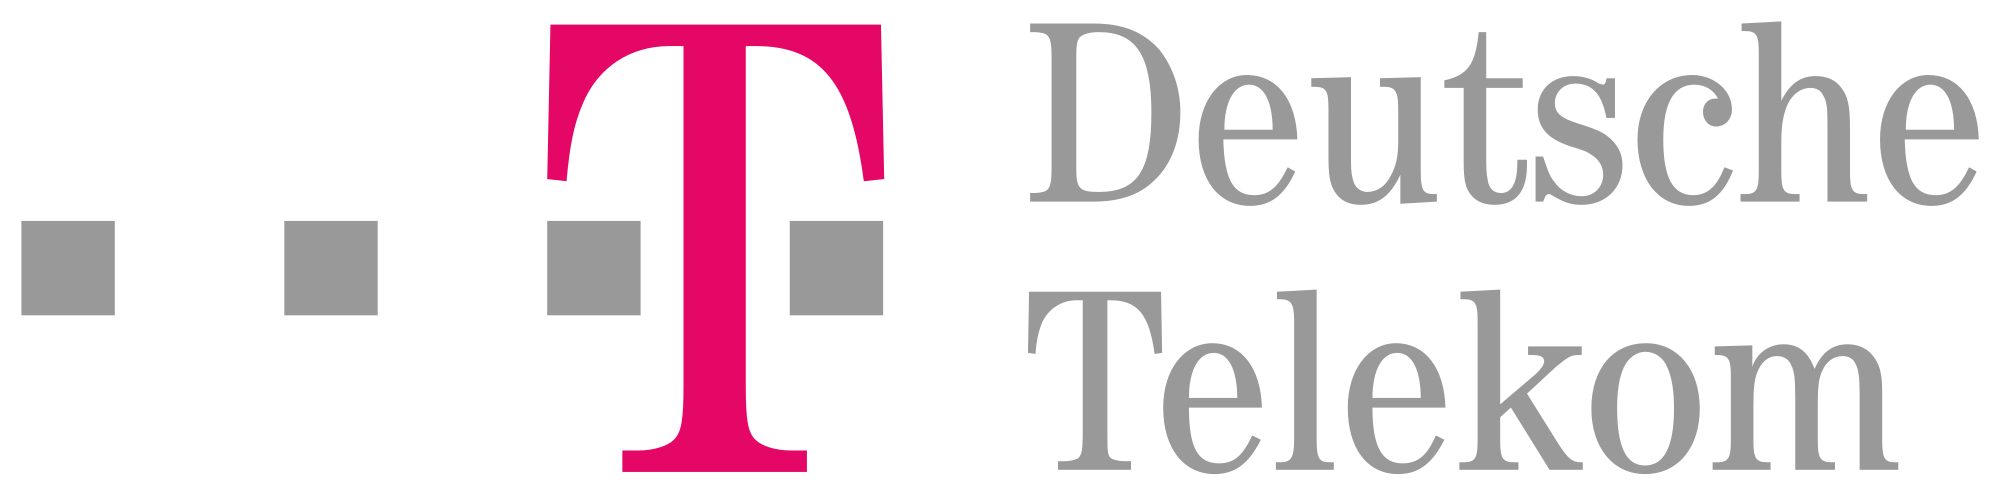 Deutsche telekom Logos.